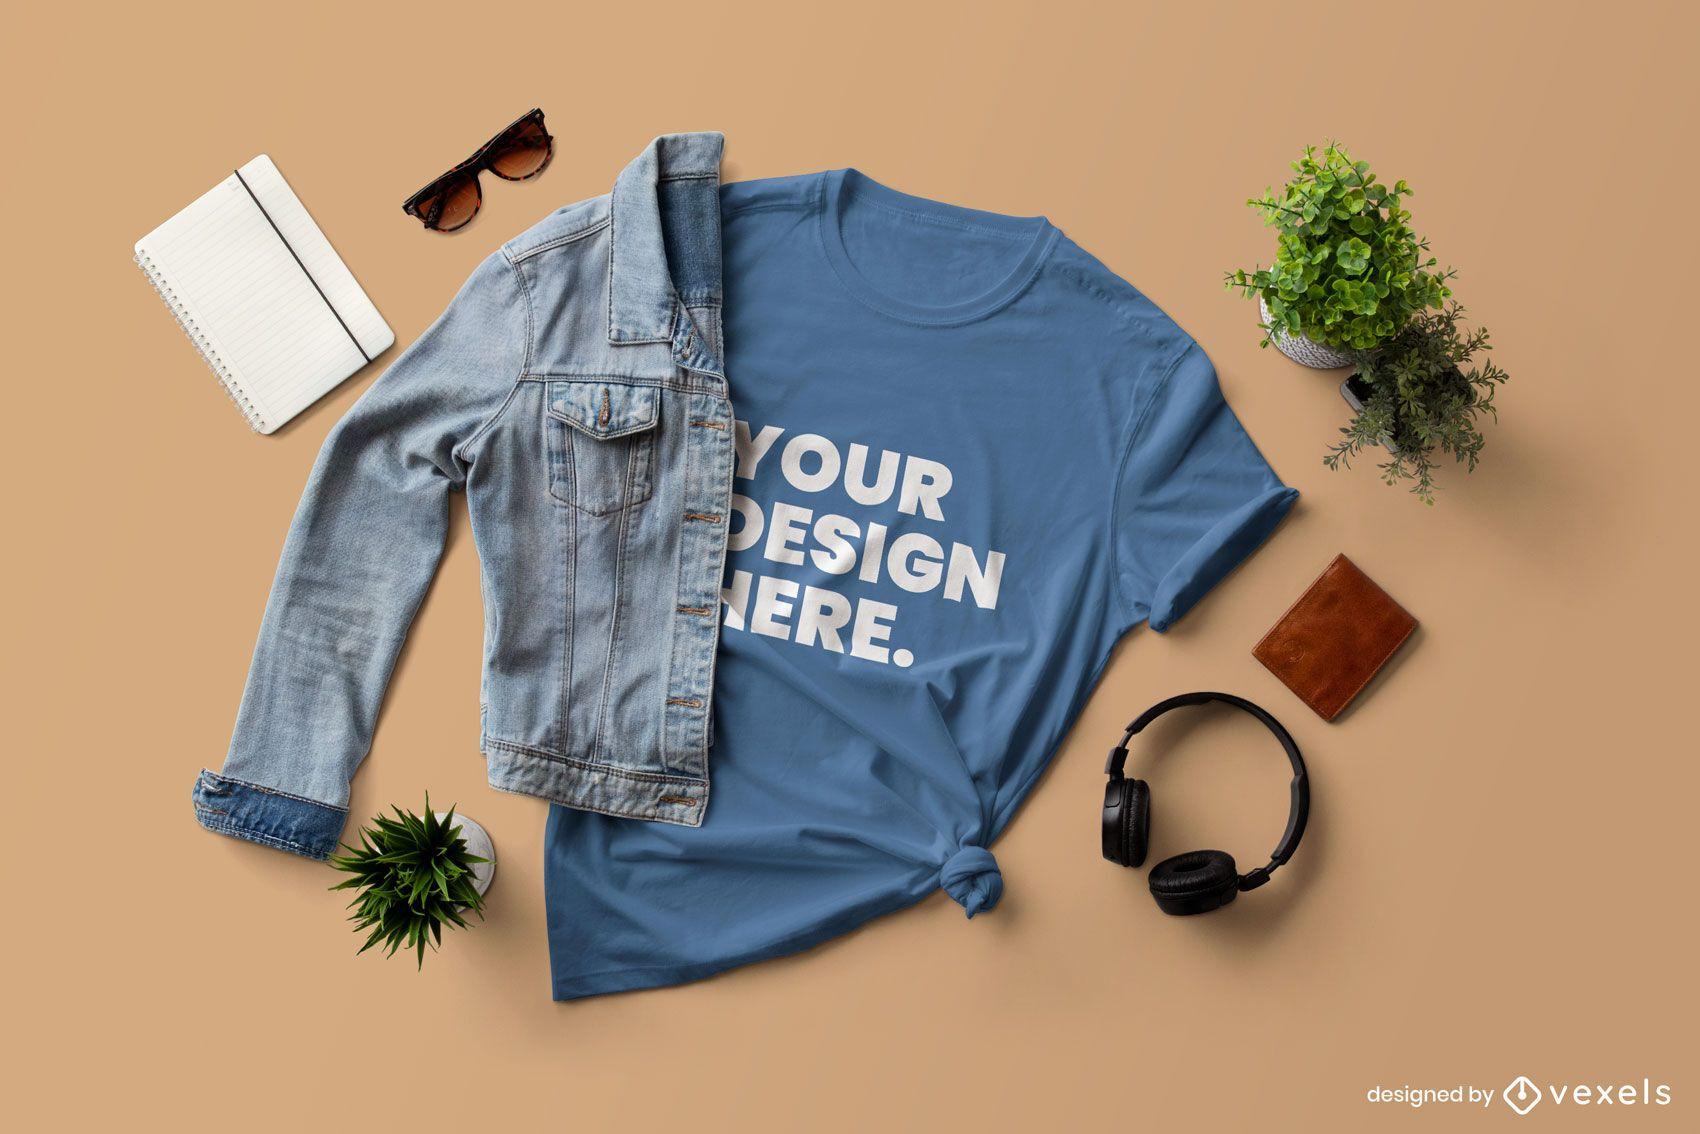 Jean jacket t-shirt mockup composition